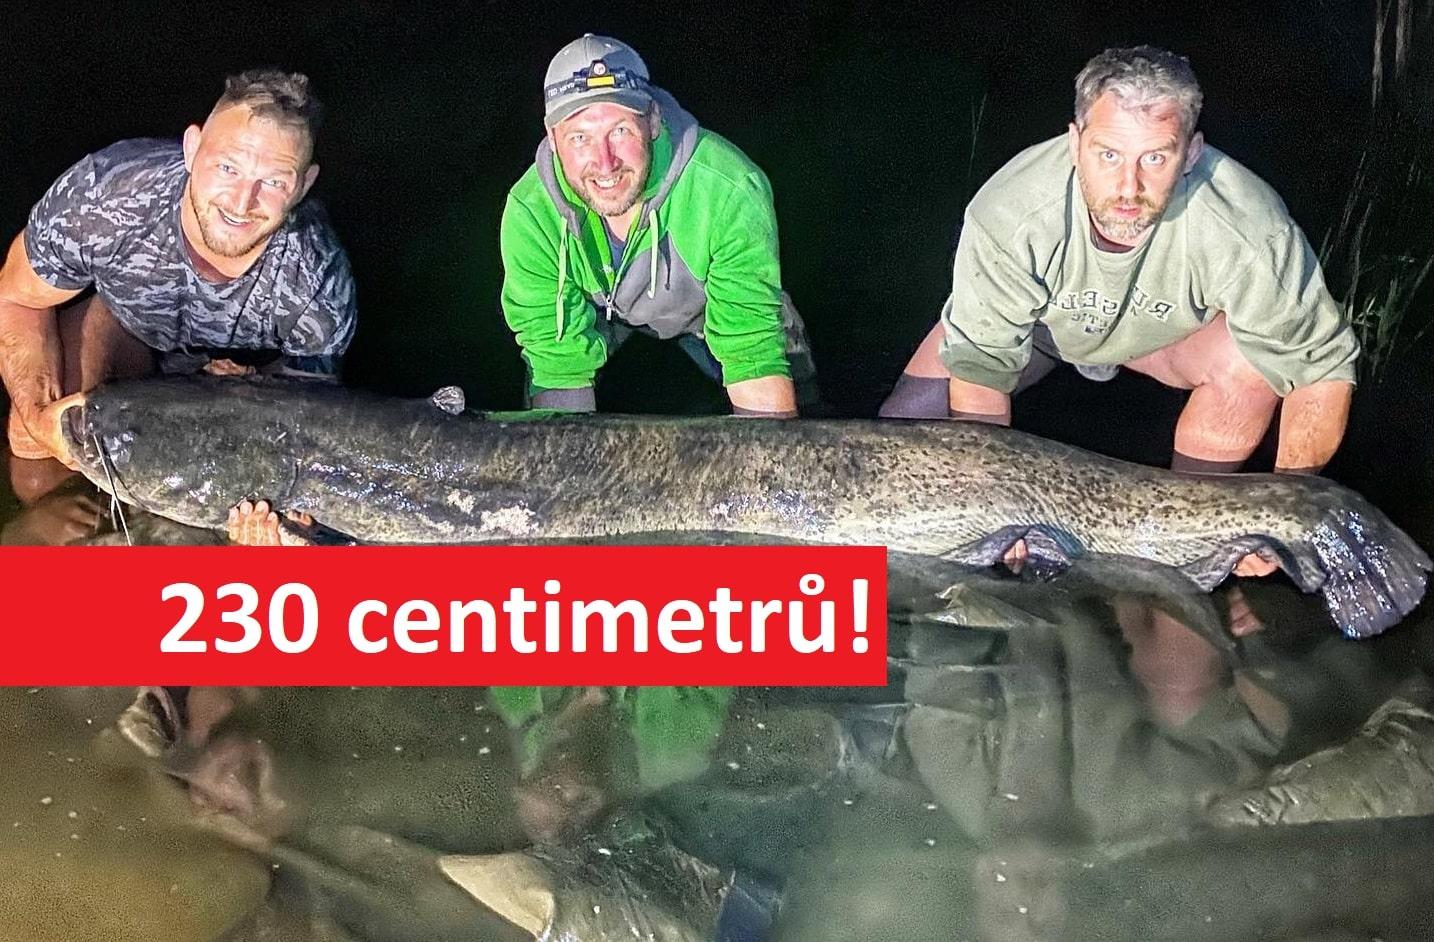 Gigantický sumec Lukáše Krpálka! Judista na české pískovně chytil 230 centimetrového sumce!